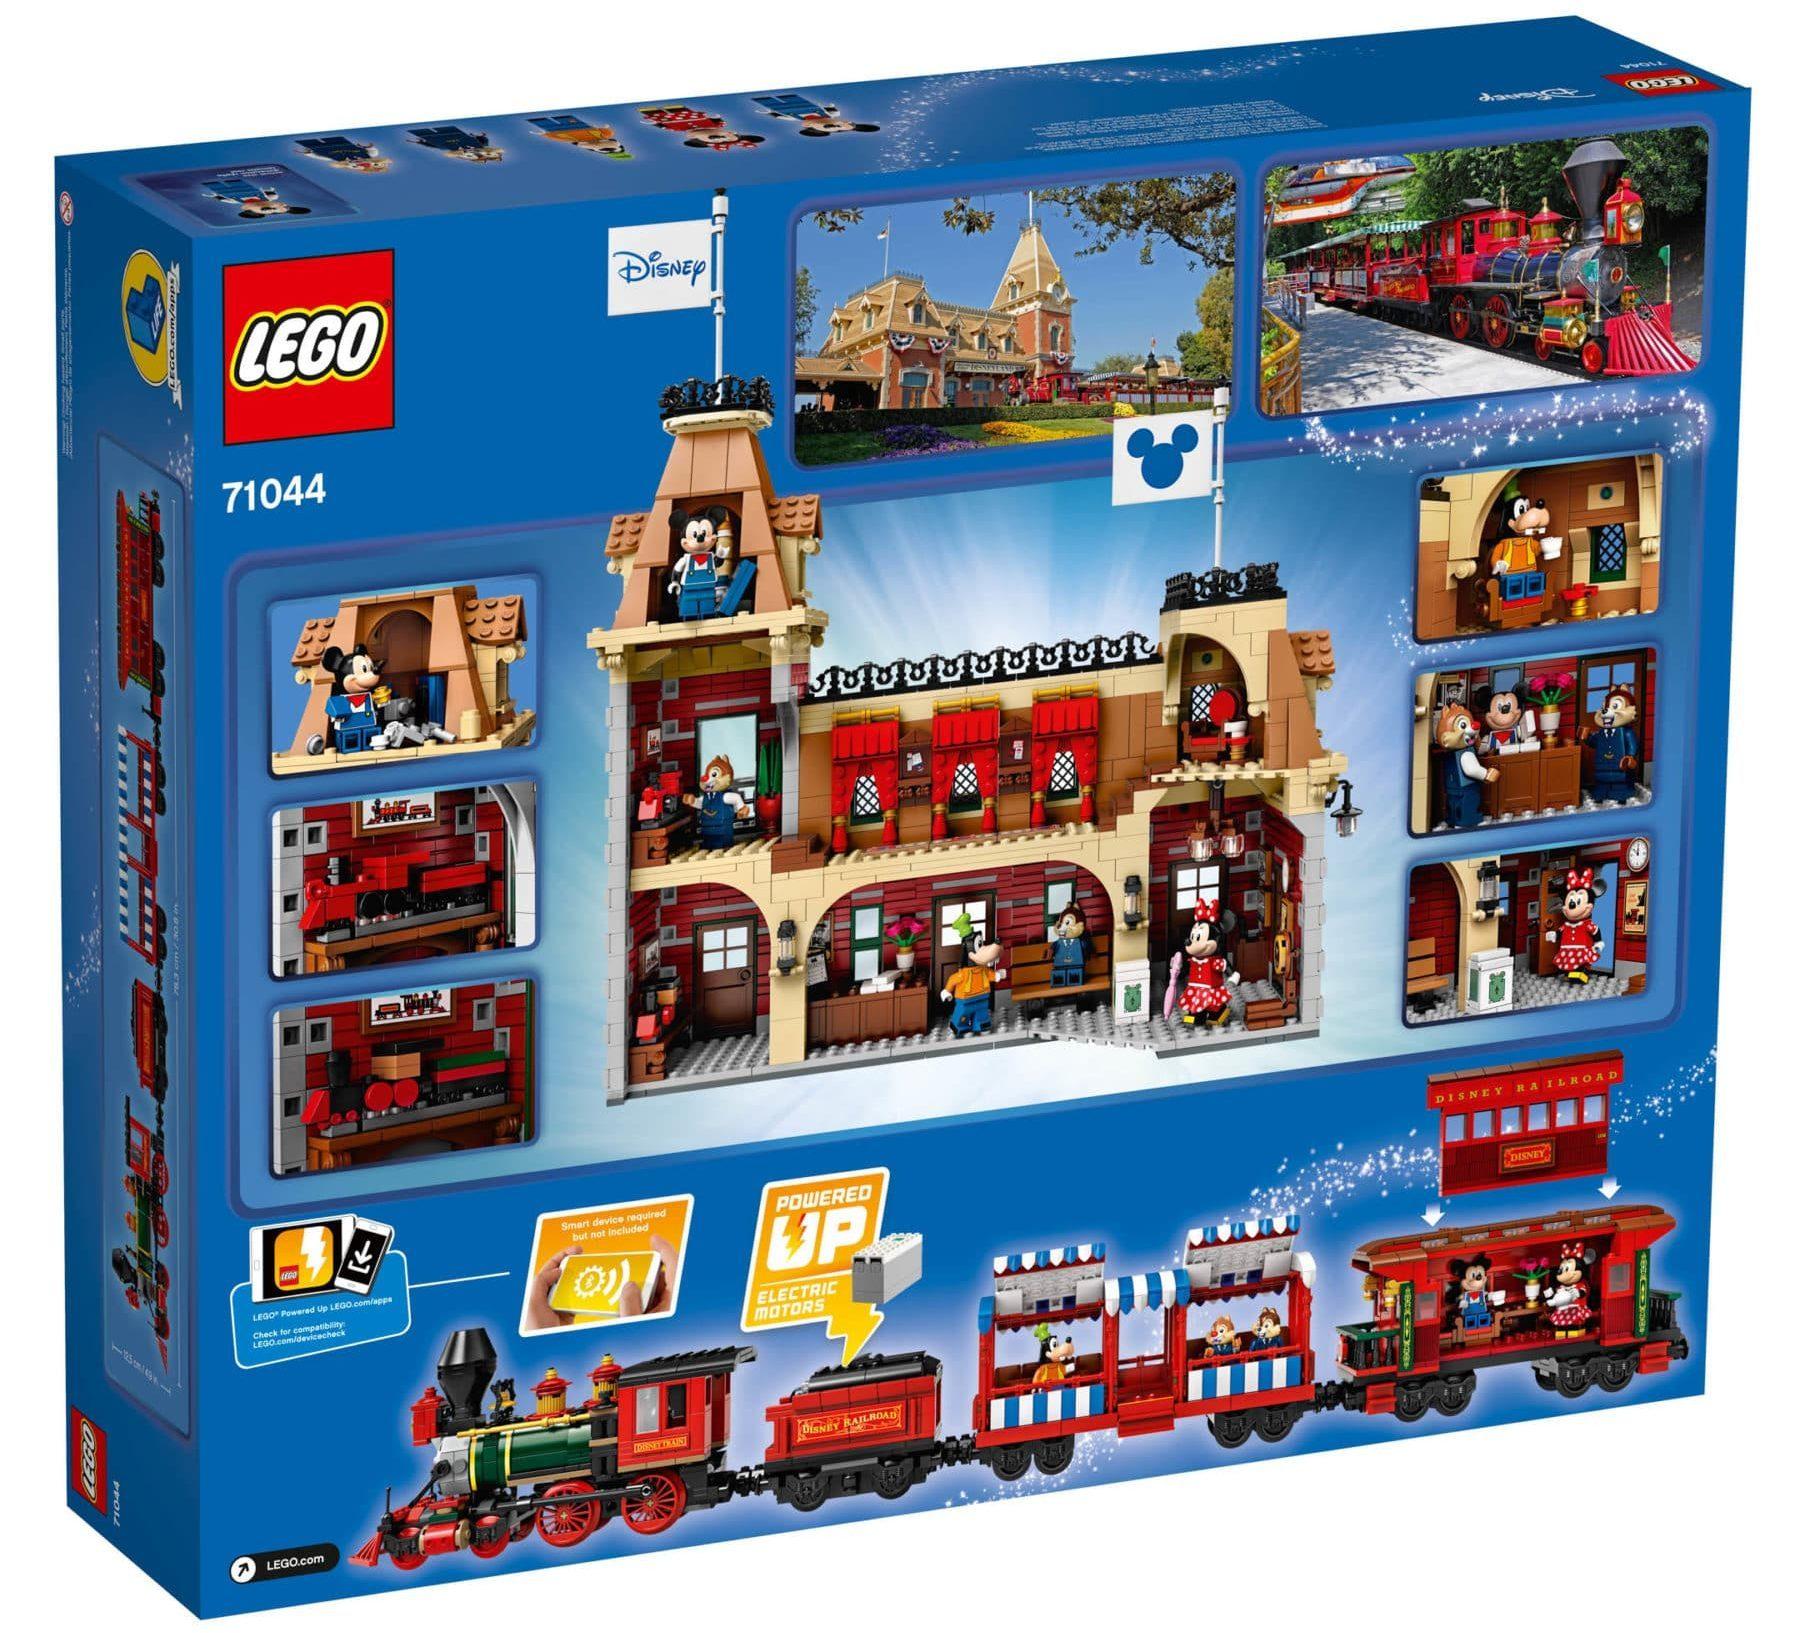 LEGO 71044 Disney Zug und Bahnhof Box hinten